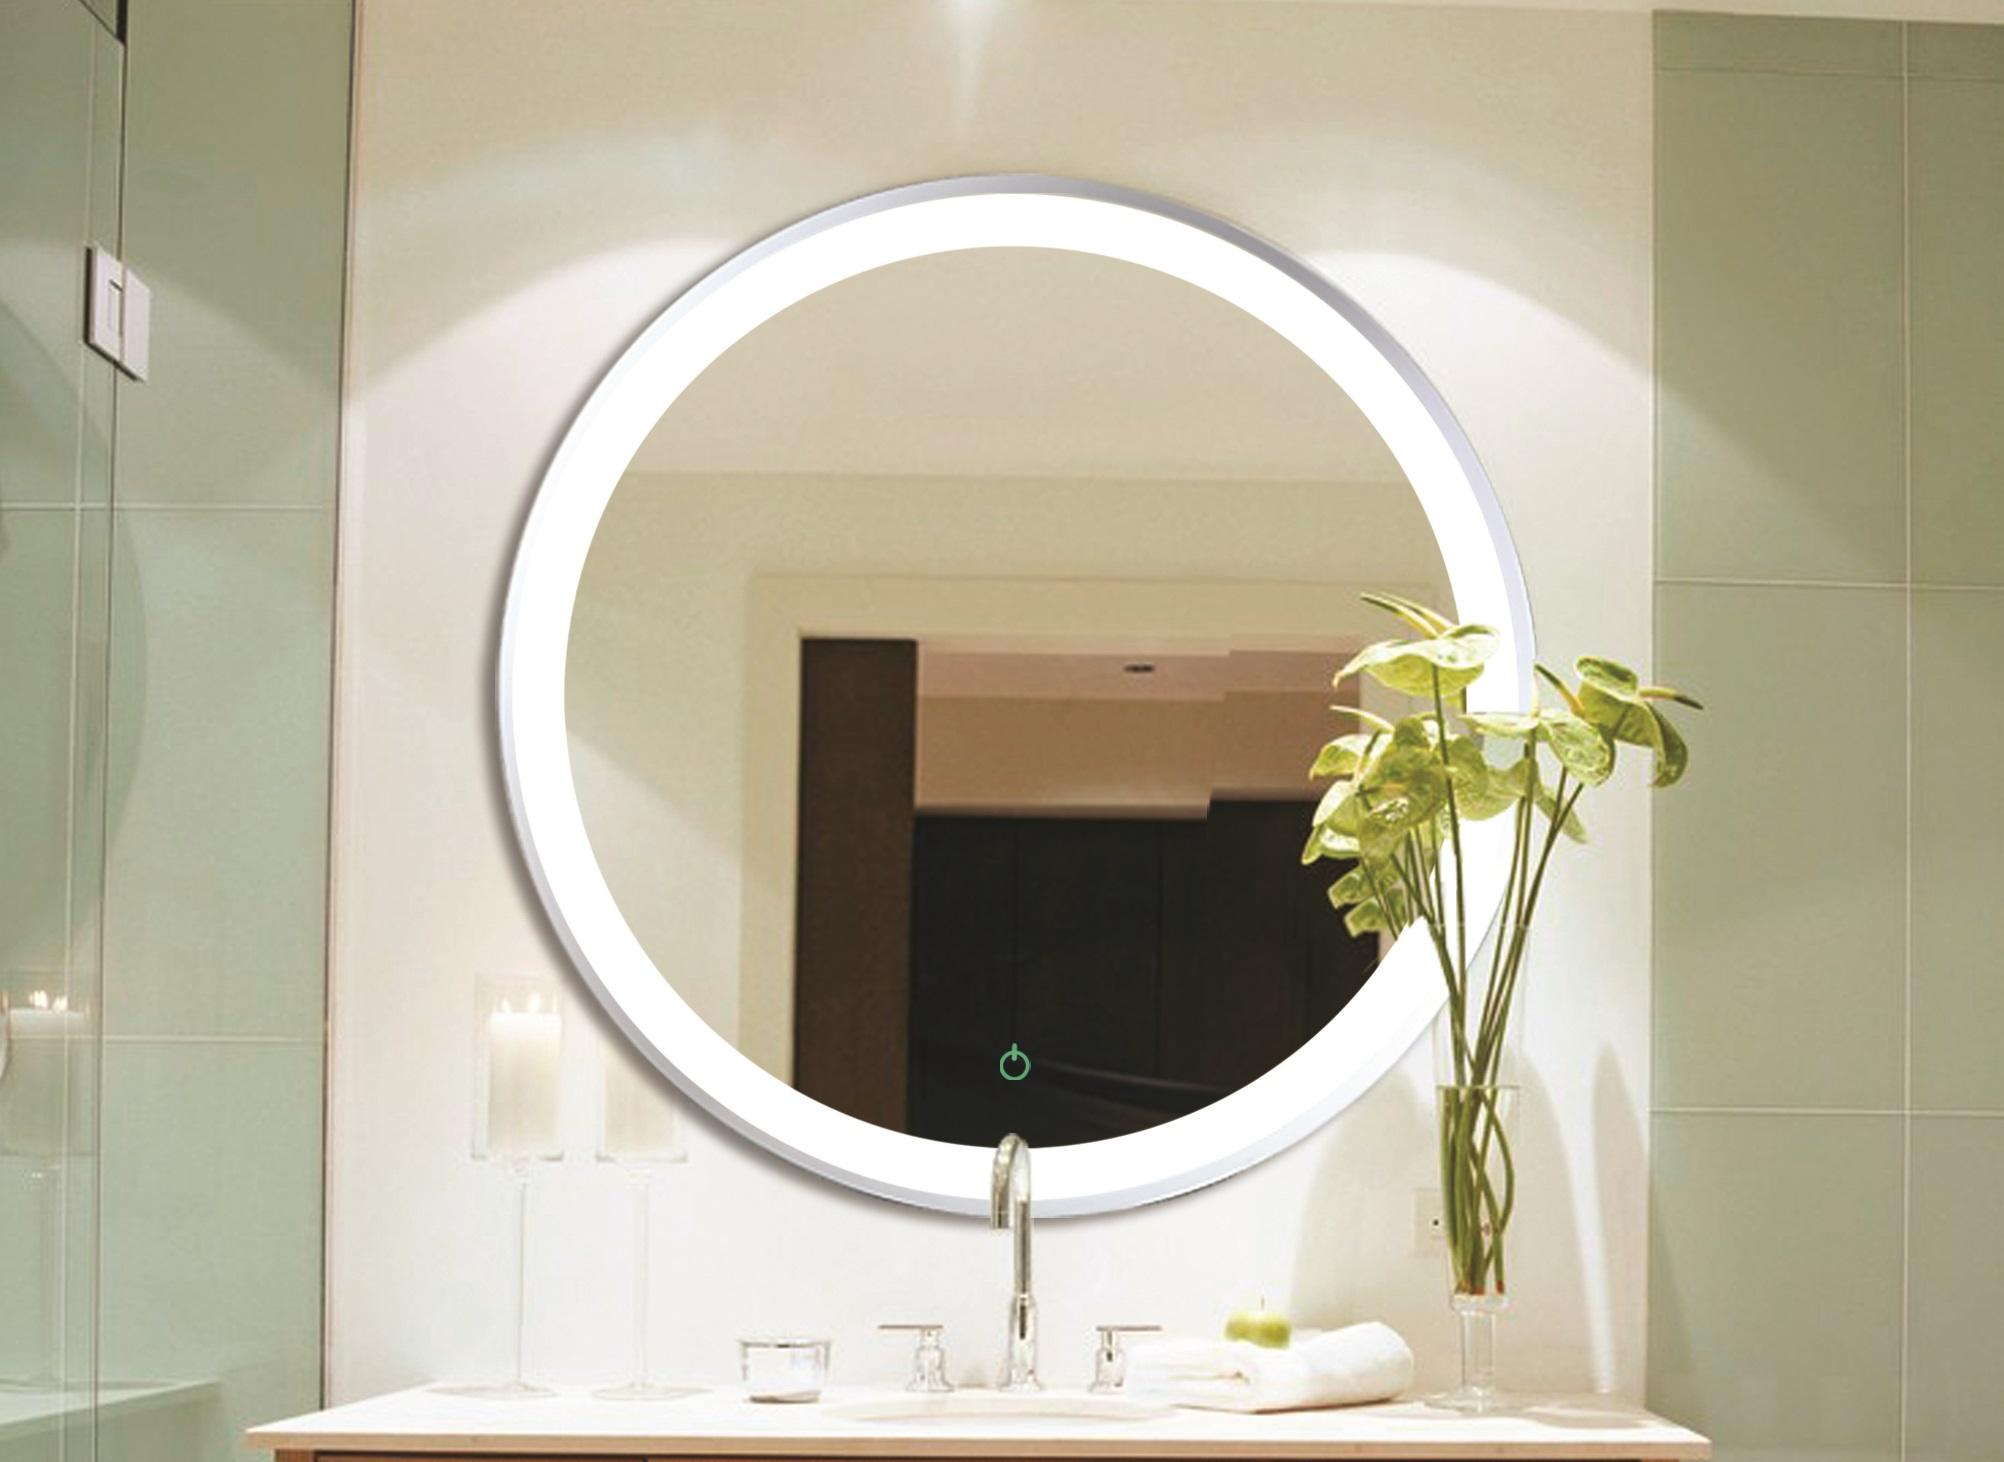 Miroir Salle De Bain Avec Lumiere miroir lumiere salle de bain solutions pour la d coration int